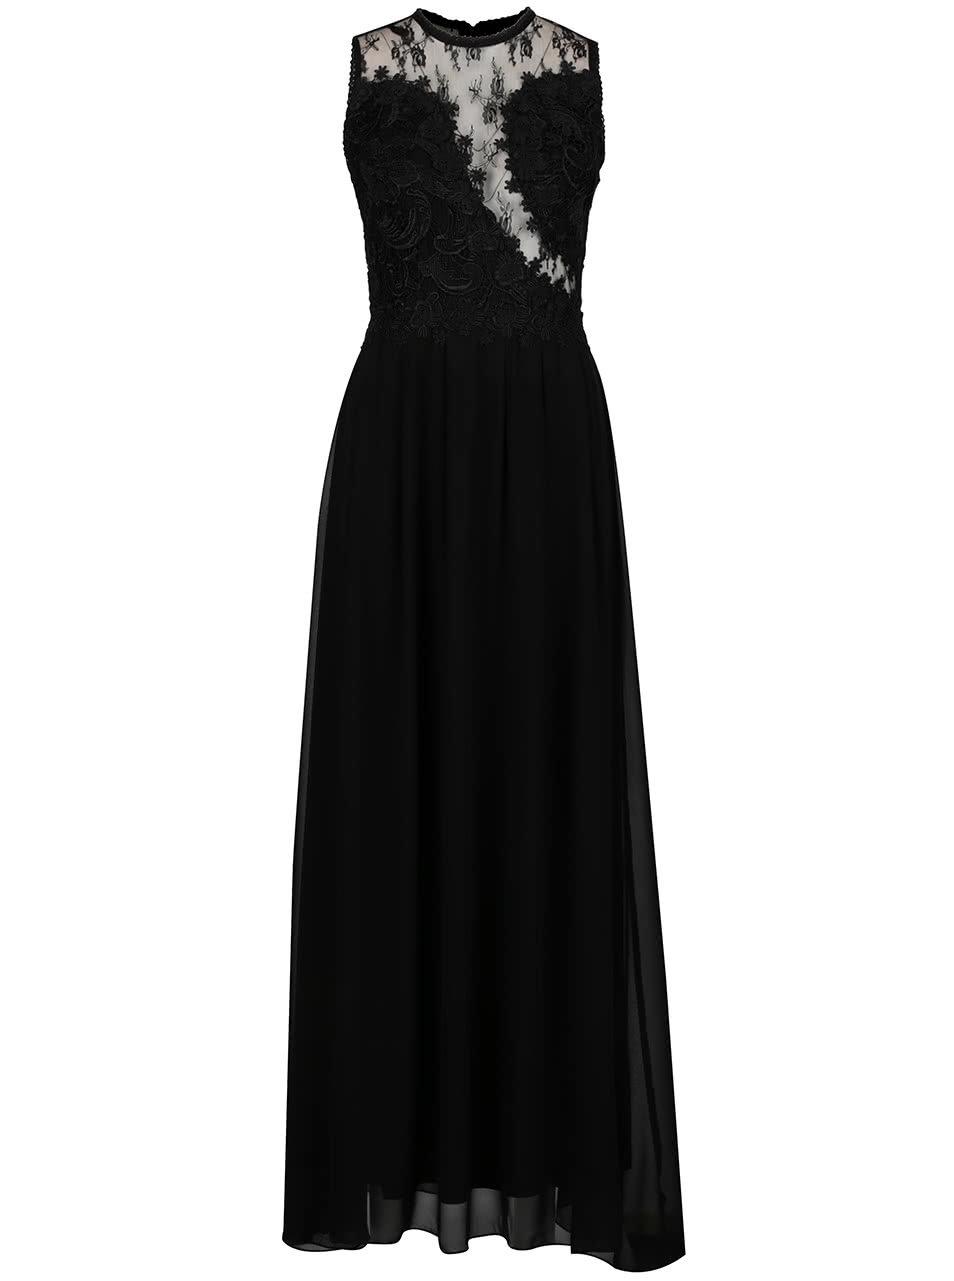 Černé dlouhé šaty s krajkovou horní částí a průsvitnými detaily AX Paris ... 3bc0fbe7d3